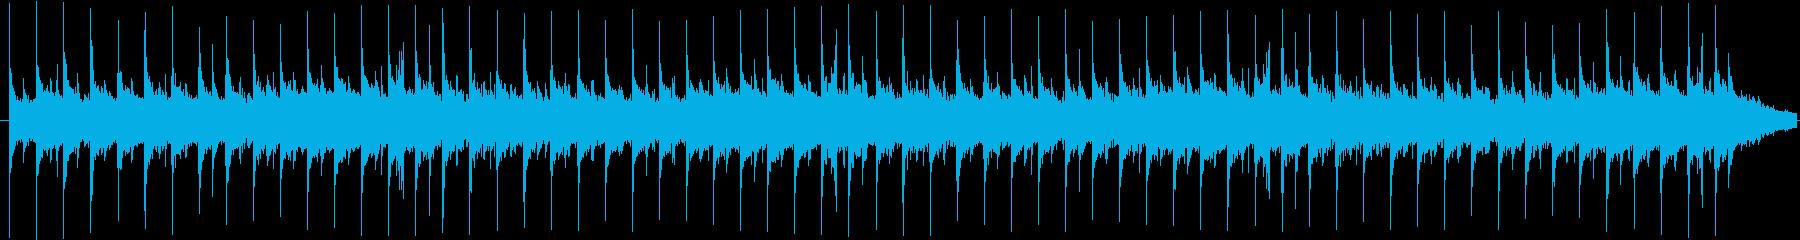 8ビート エレクトロ系 ループの再生済みの波形